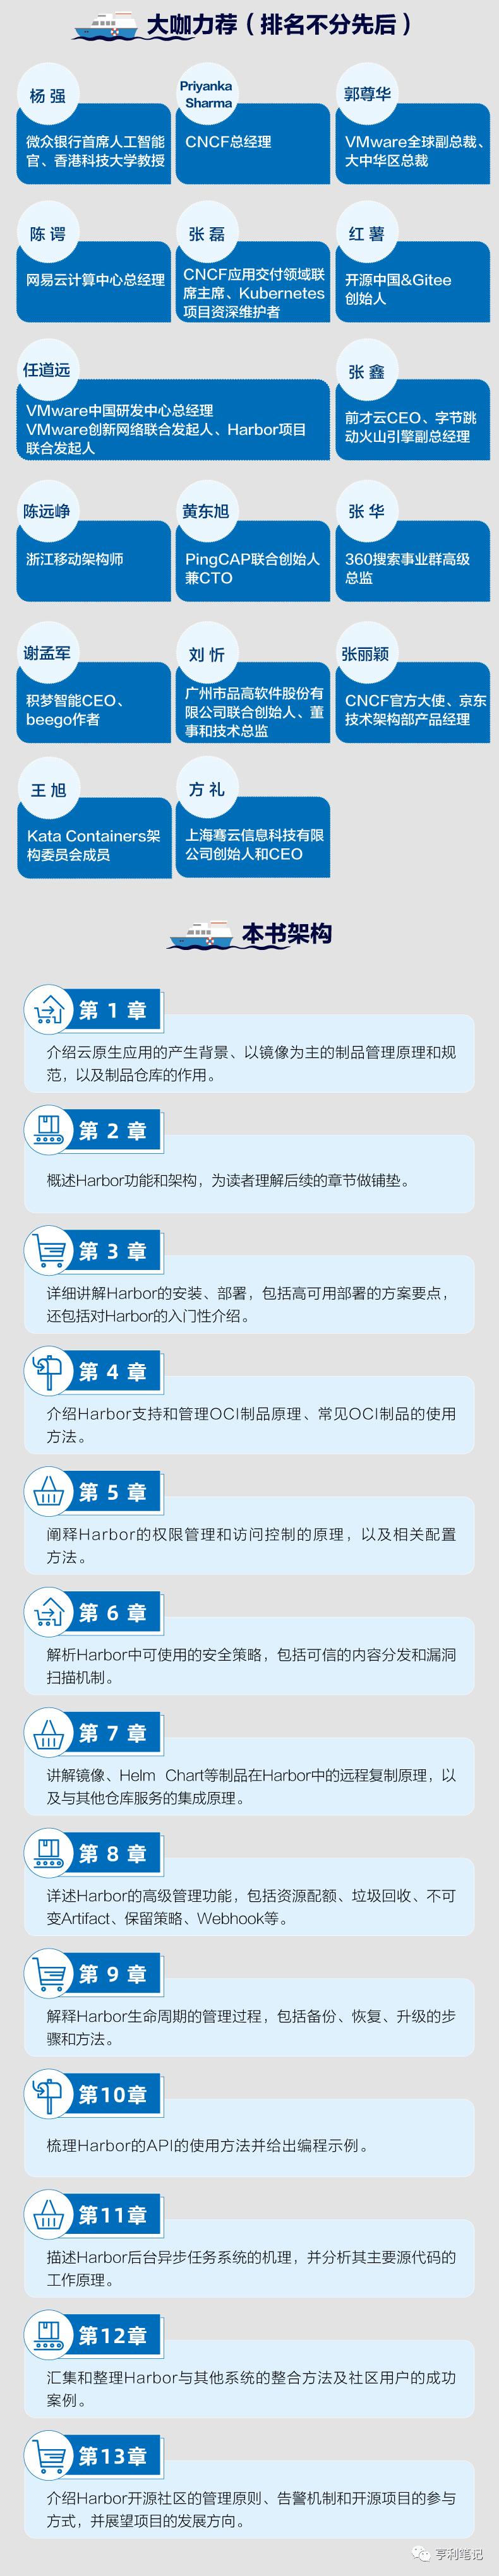 港务局指南招聘英语翻译